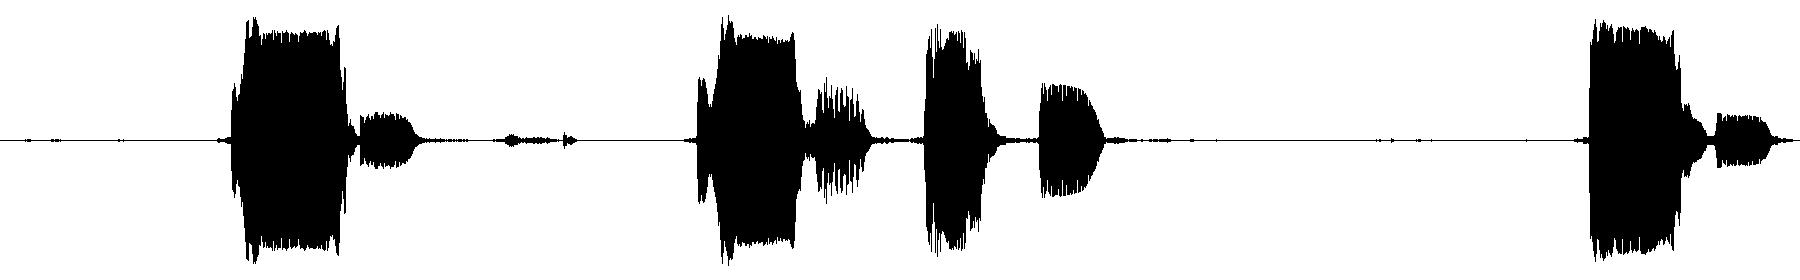 guitarfunk22 120